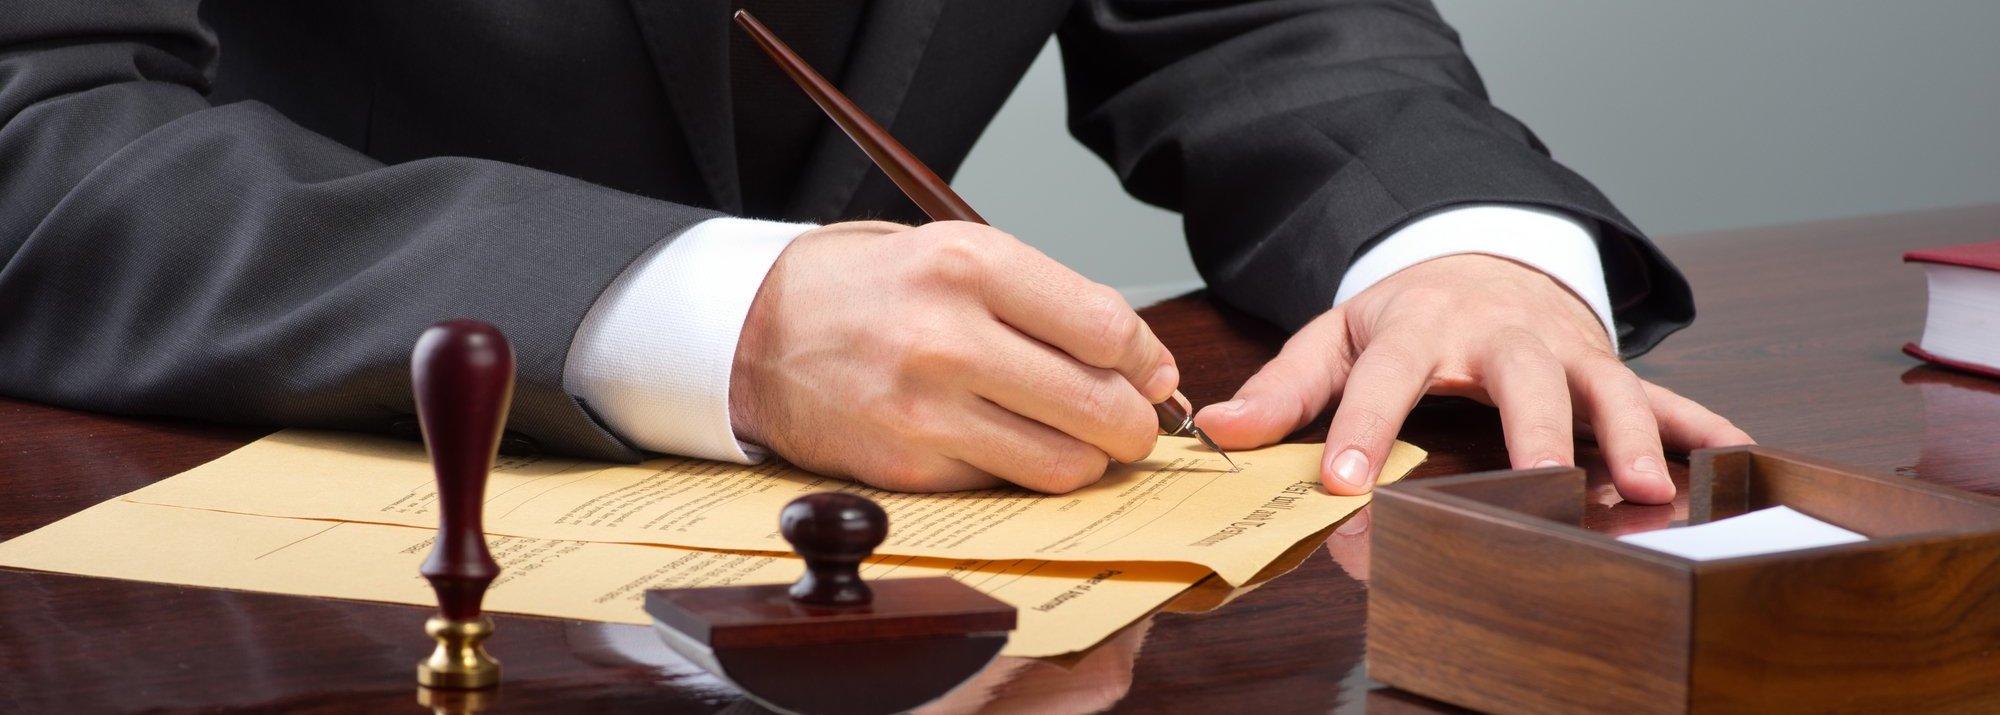 Mejora su visibilidad en Internet con abogado24.com